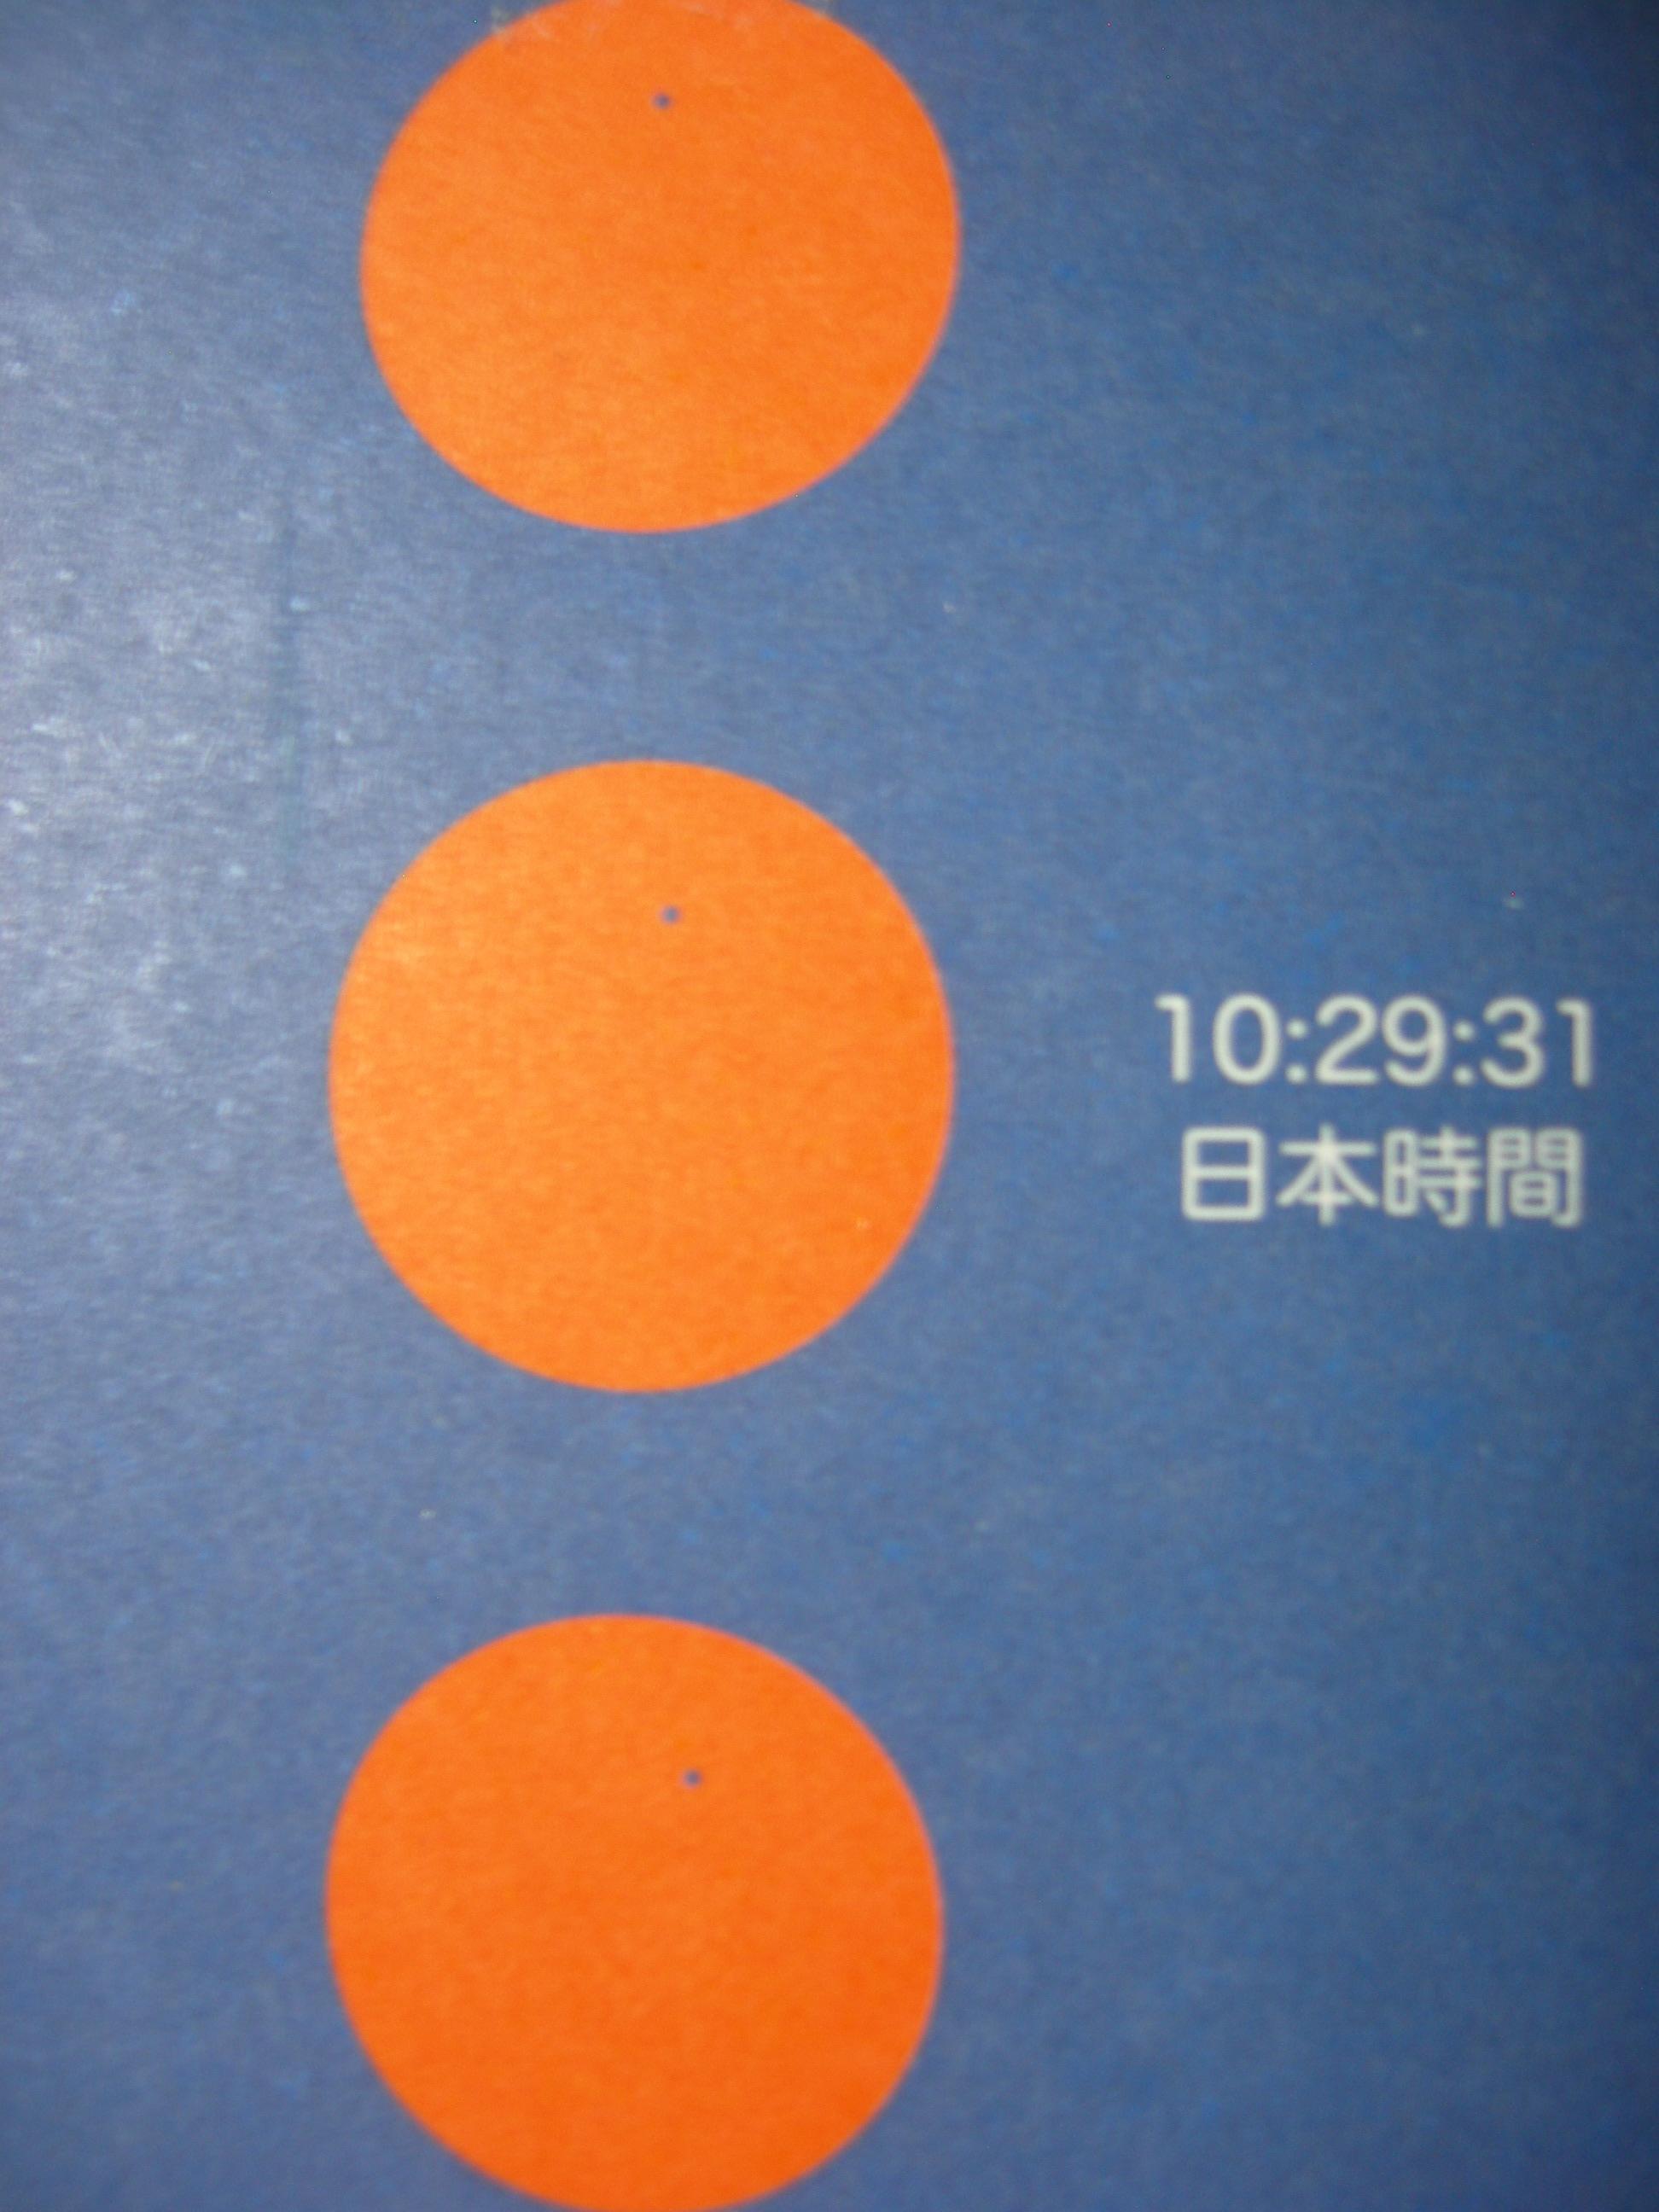 20120605-1_05.jpg